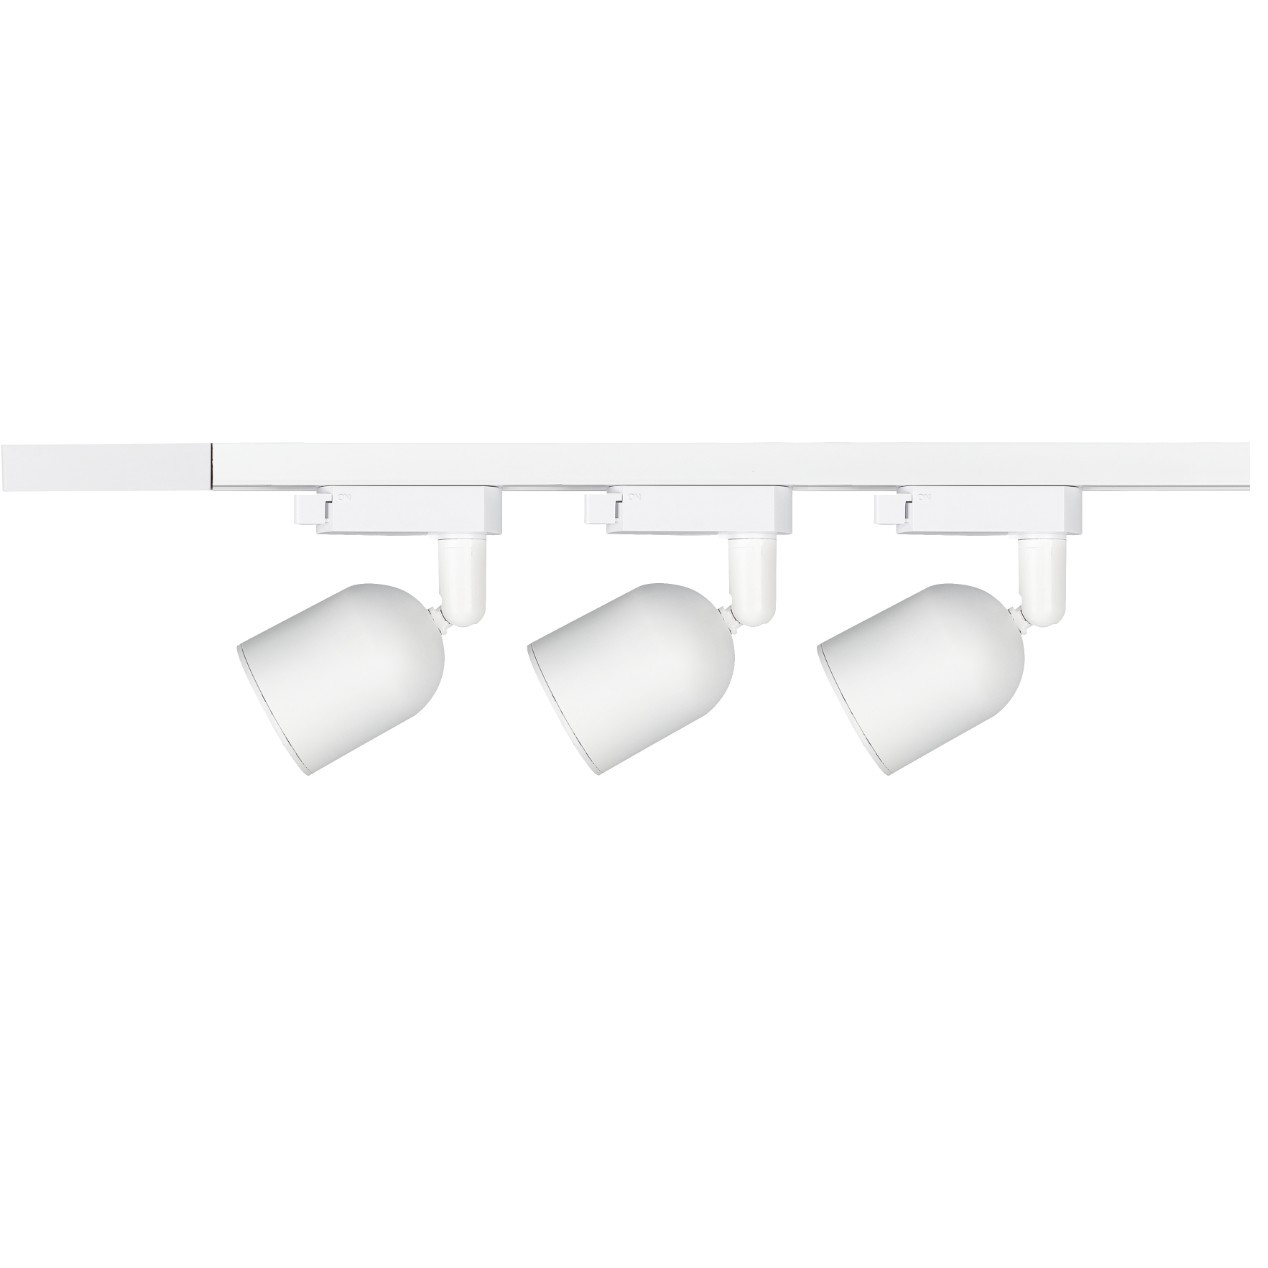 Kit Trilho Spot LED de Sobrepor com 3 Lampadas Branco 7w 110-240V Luz Amarela - Avant